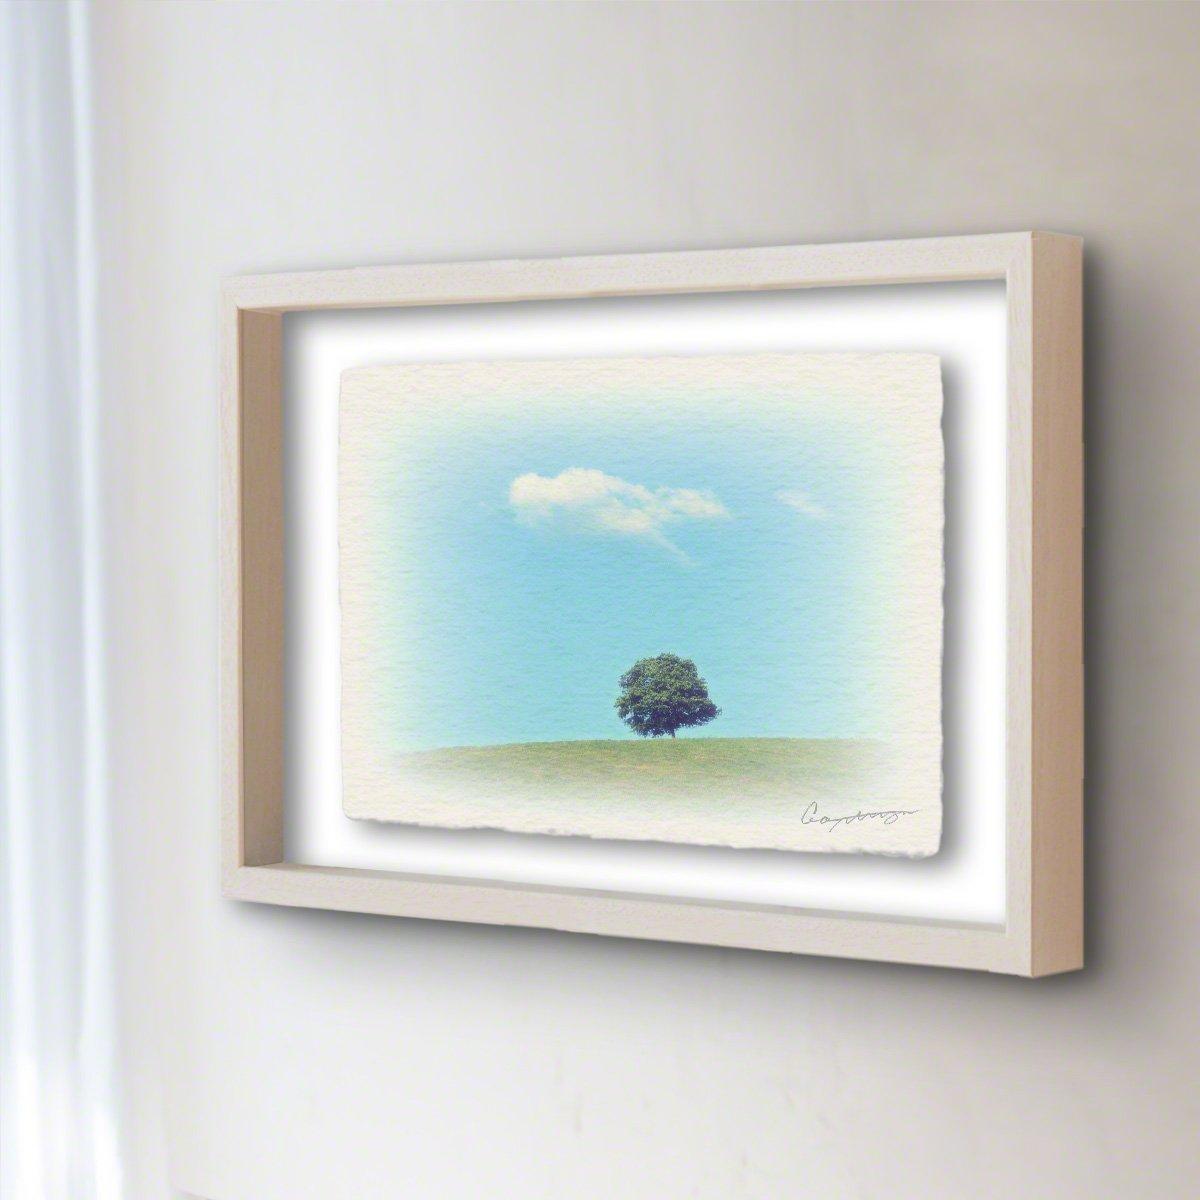 和紙 アートフレーム 「丘の上の木とはぐれ雲」 (32x26cm) 絵 絵画 壁掛け 壁飾り 額縁 インテリア アート B074Y91YGP 22.アートフレーム(長辺32cm) 14800円|丘の上の木とはぐれ雲 丘の上の木とはぐれ雲 22.アートフレーム(長辺32cm) 14800円